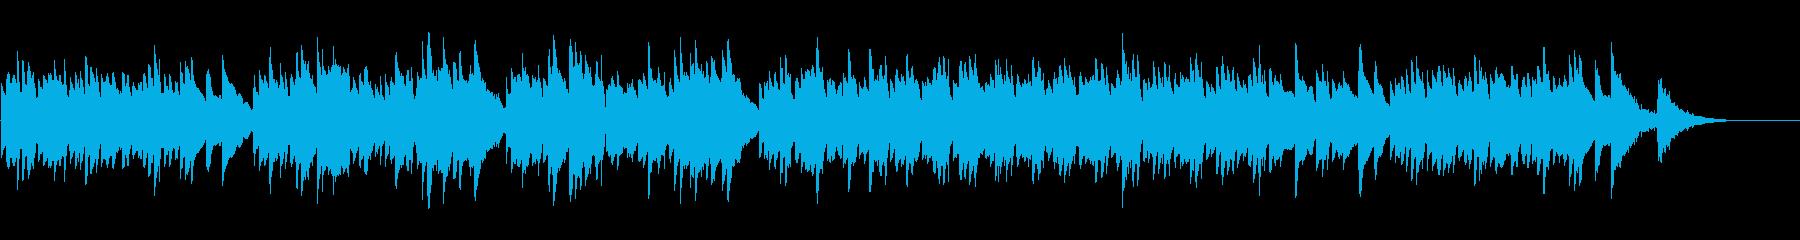 煌びやかで切ないエレピの音色の再生済みの波形